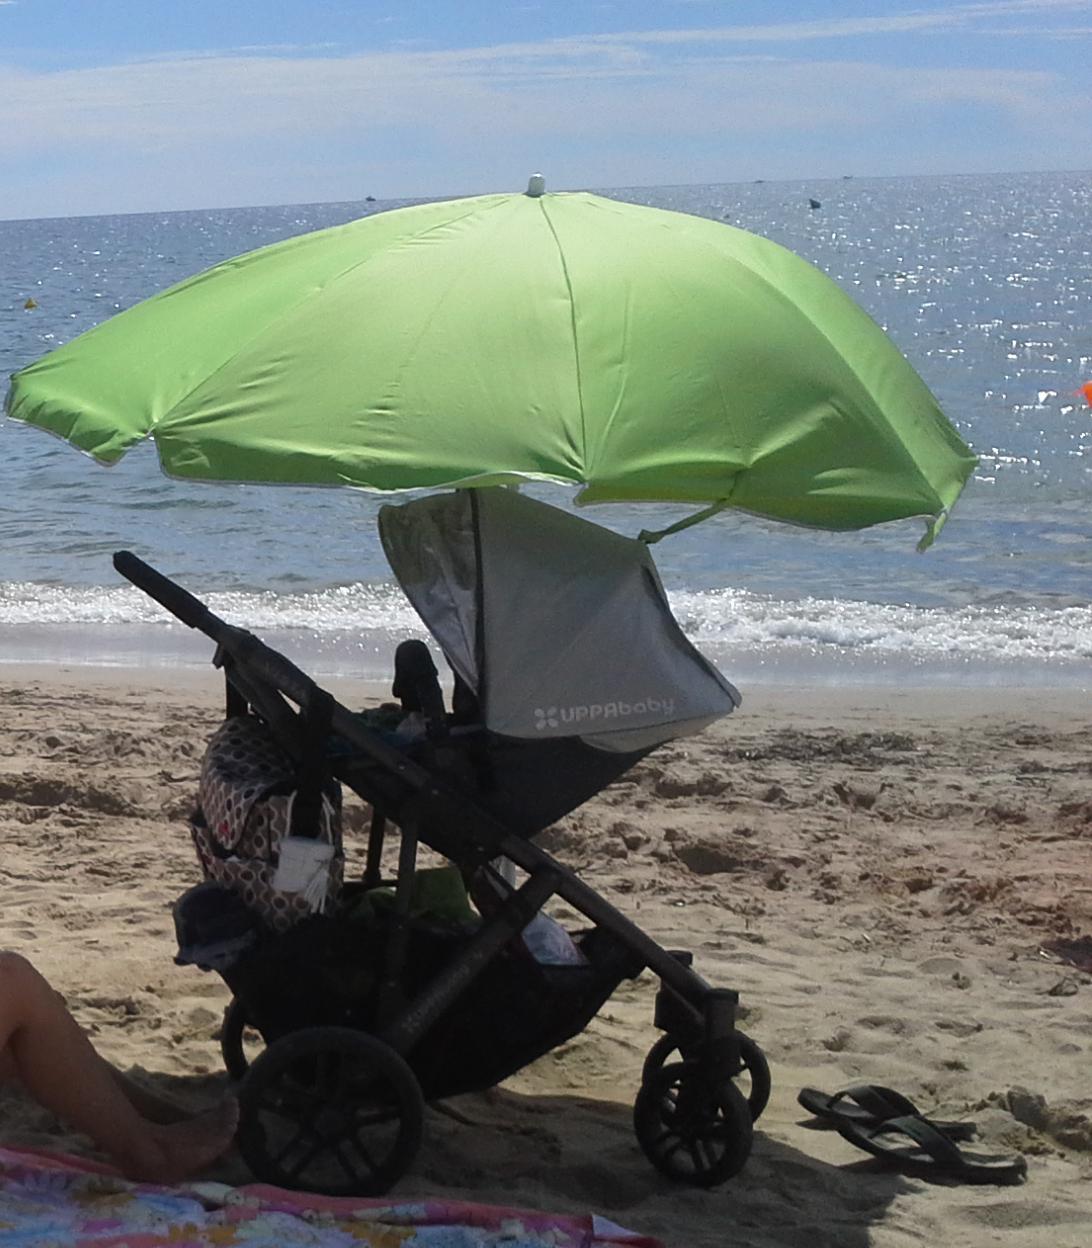 El carrito de bebé: Uppa Baby Vista